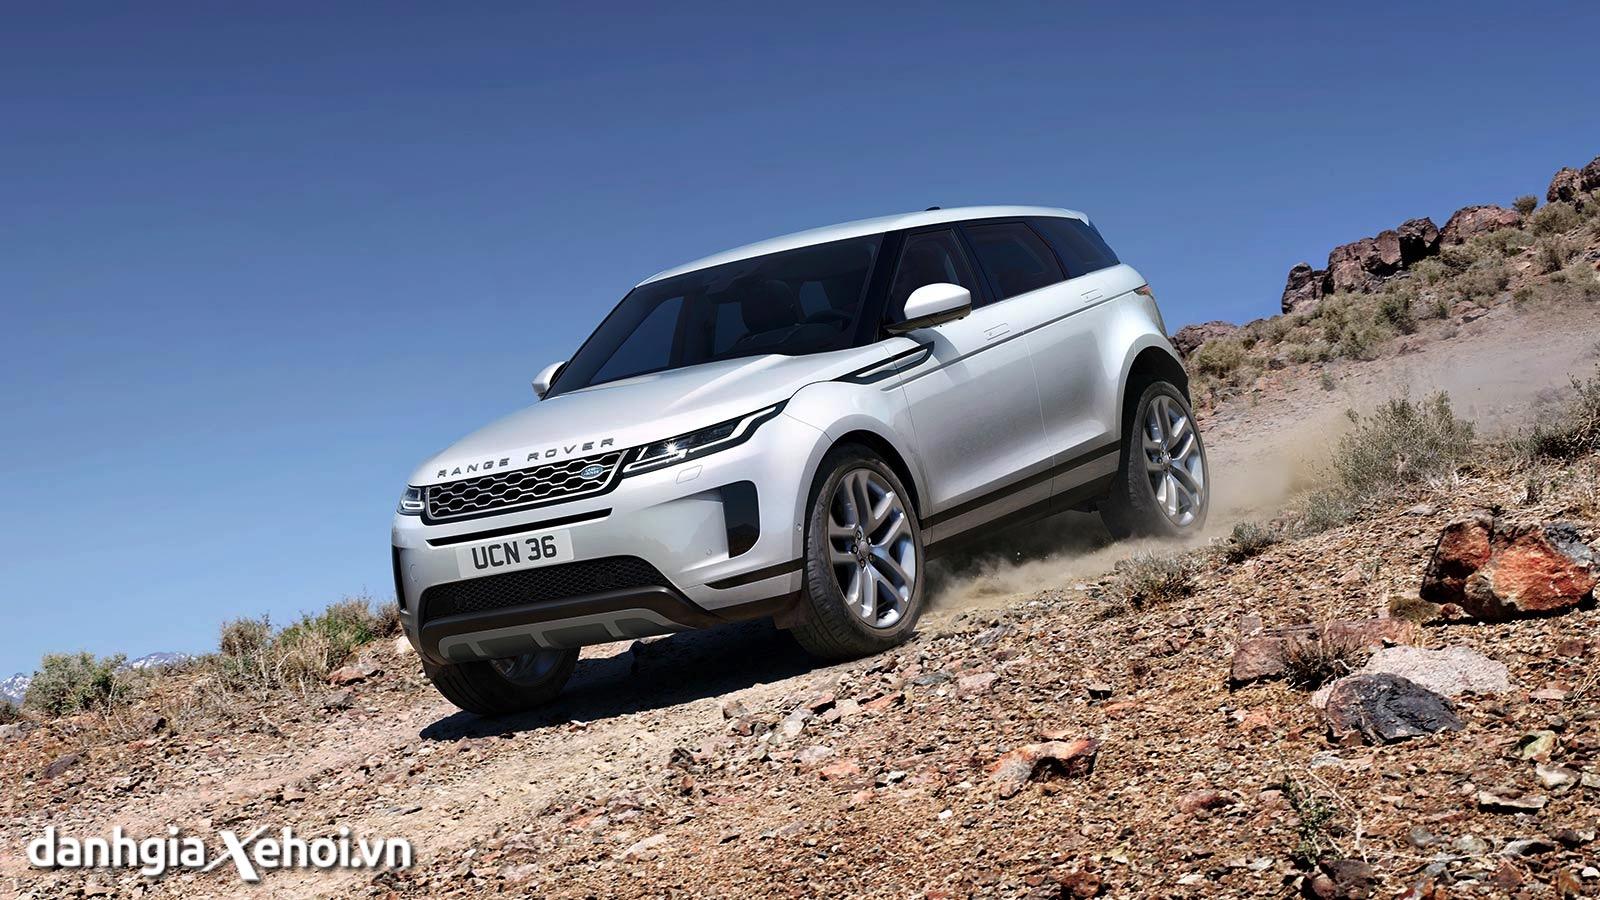 an-toan-range-rover-evoque-2021-danhgiaxehoi-vn